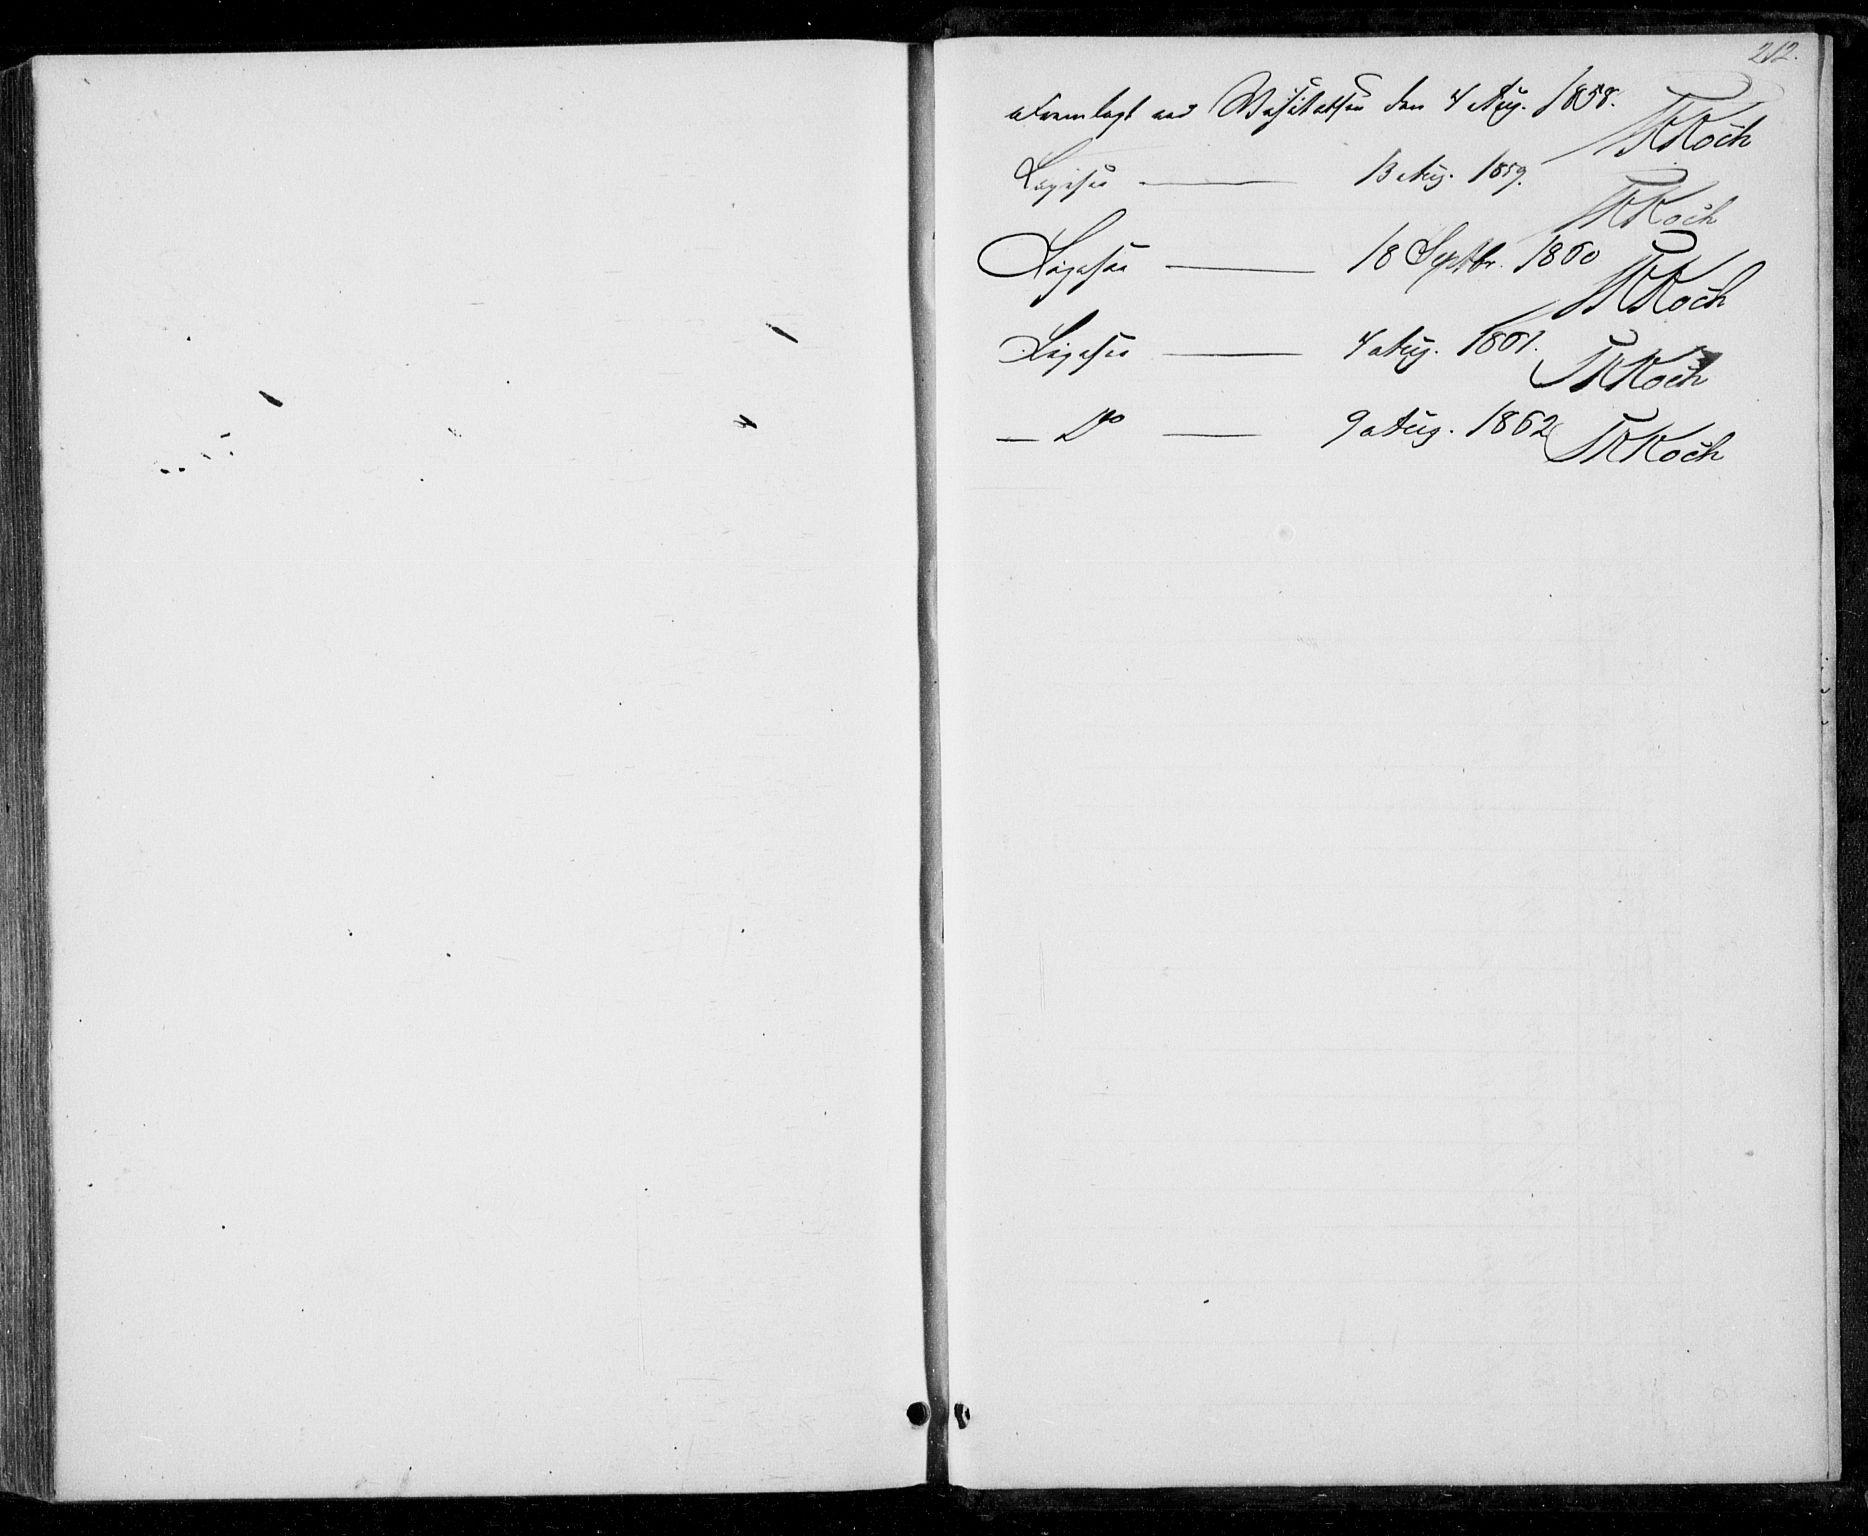 SAT, Ministerialprotokoller, klokkerbøker og fødselsregistre - Nord-Trøndelag, 706/L0040: Parish register (official) no. 706A01, 1850-1861, p. 212